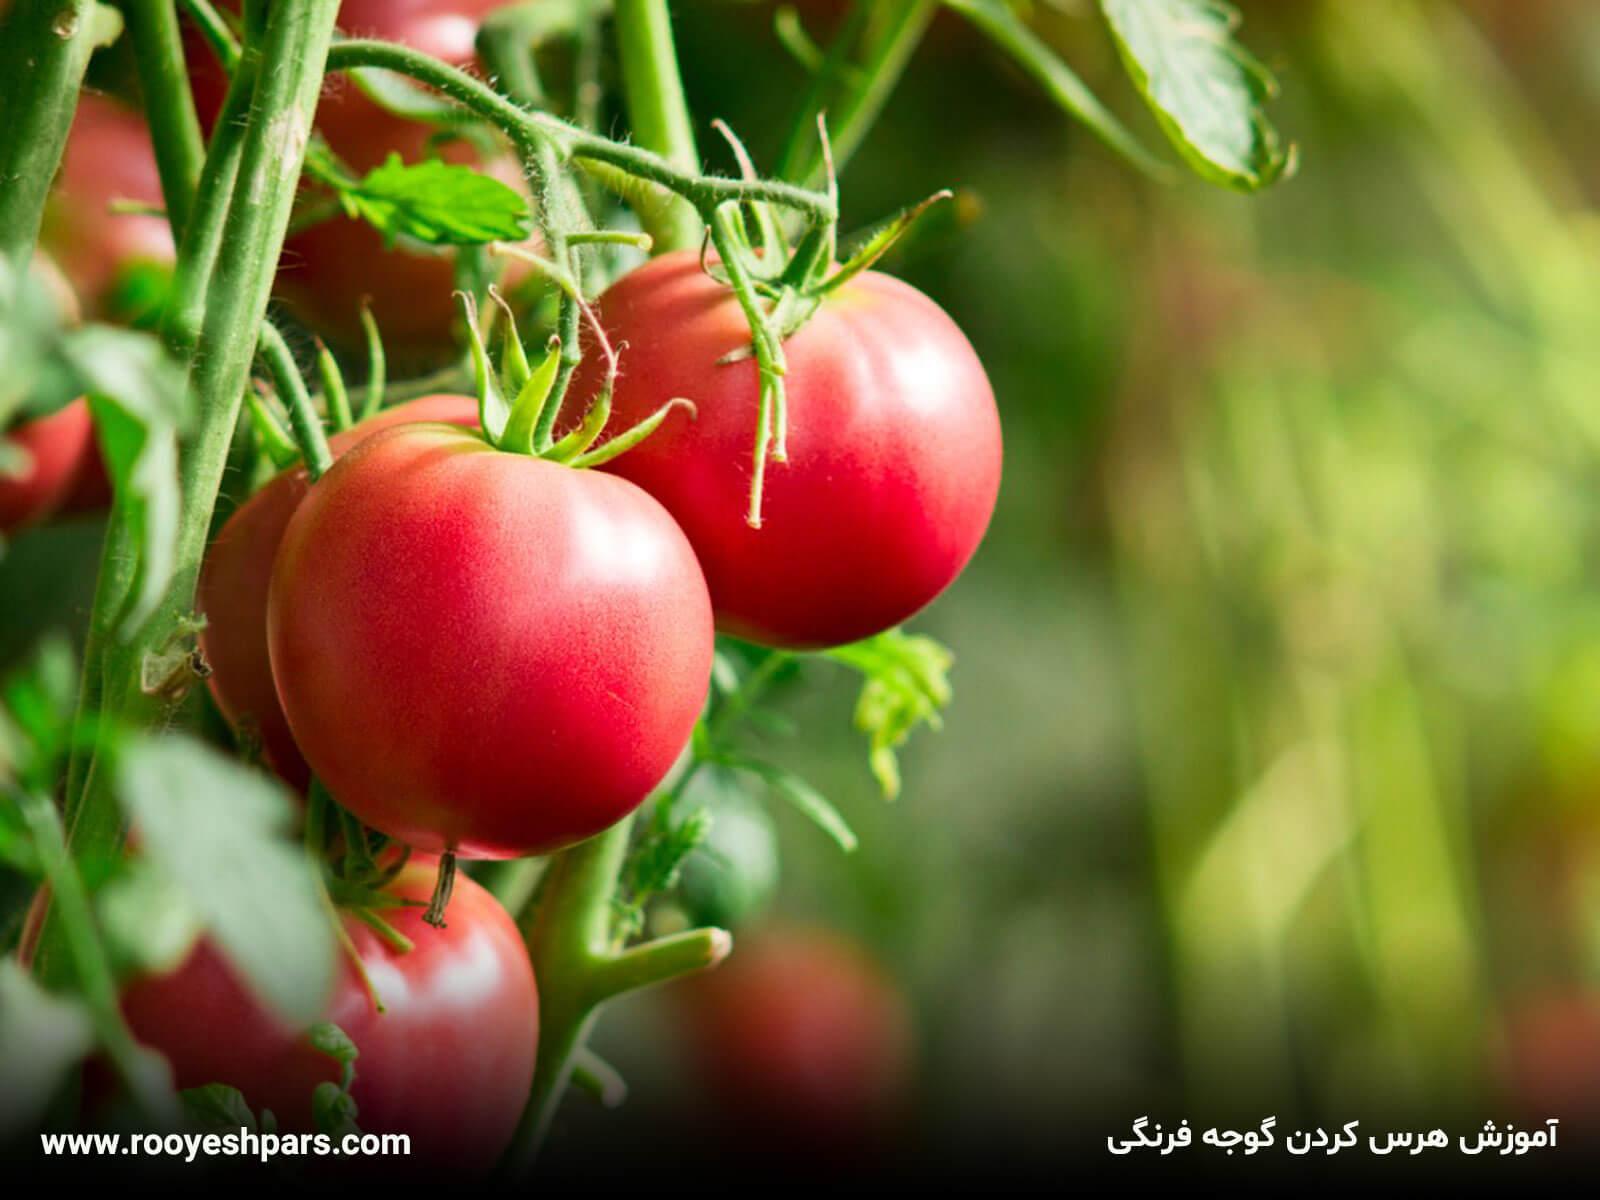 آموزش-هرس-کردن-گوجه-فرنگی